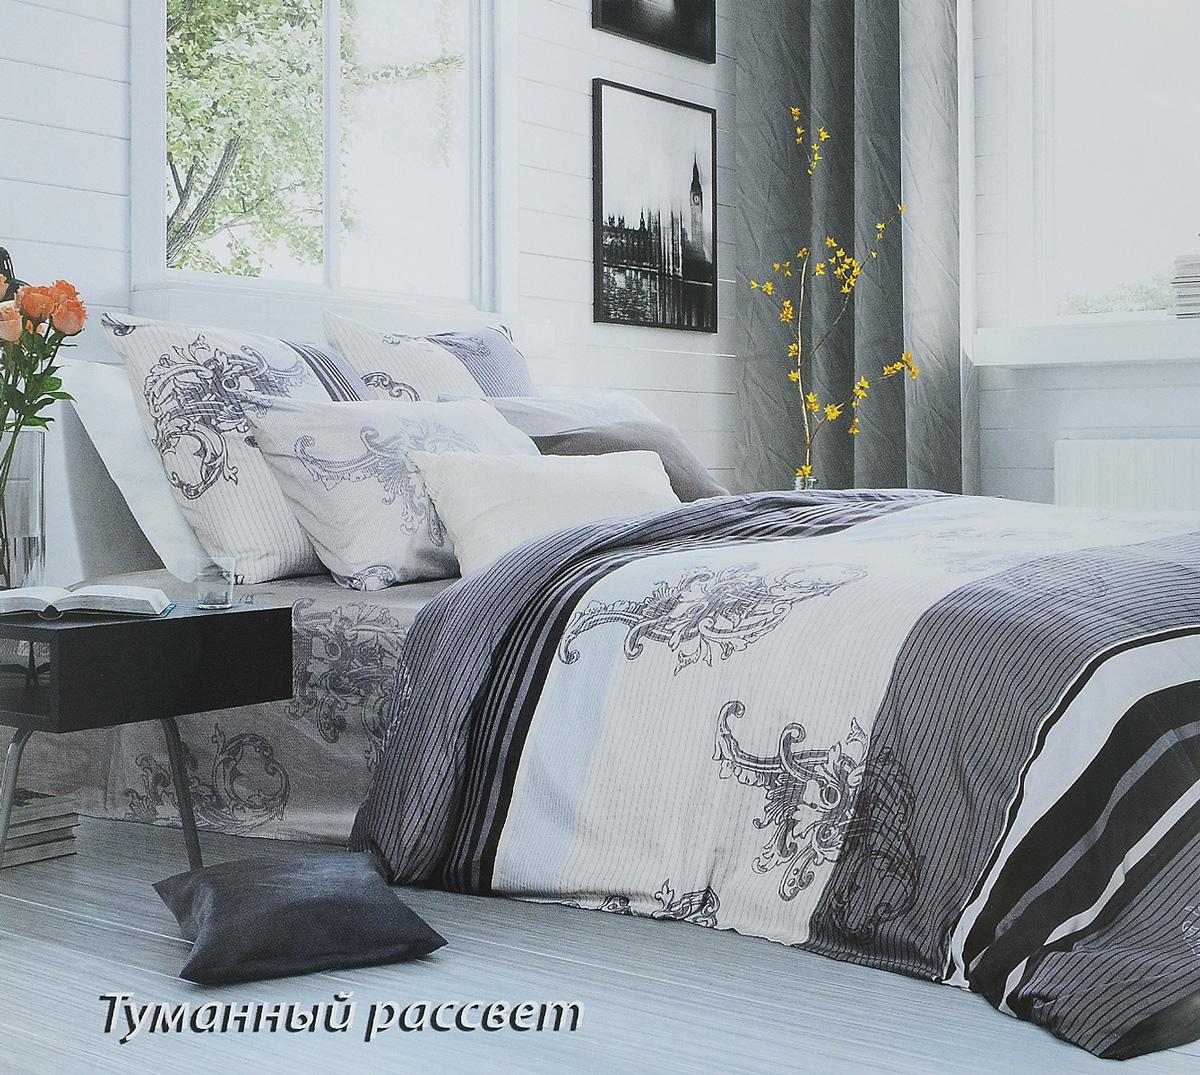 Комплект белья Tiffanys Secret Туманный рассвет, евро, наволочки 70х70, цвет: серый, белый2040115979Комплект постельного белья Tiffanys Secret Туманный рассвет является экологически безопасным для всей семьи, так как выполнен из сатина (100% хлопок). Комплект состоит из пододеяльника, простыни и двух наволочек. Предметы комплекта оформлены оригинальным рисунком.Благодаря такому комплекту постельного белья вы сможете создать атмосферу уюта и комфорта в вашей спальне.Сатин - это ткань, навсегда покорившая сердца человечества. Ценившие роскошь персы называли ее атлас, а искушенные в прекрасном французы - сатин. Секрет высококачественного сатина в безупречности всего технологического процесса. Эту благородную ткань делают только из отборной натуральной пряжи, которую получают из самого лучшего тонковолокнистого хлопка. Благодаря использованию самой тонкой хлопковой нити получается необычайно мягкое и нежное полотно. Сатиновое постельное белье превращает жаркие летние ночи в прохладные и освежающие, а холодные зимние - в теплые и согревающие. Сатин очень приятен на ощупь, постельное белье из него долговечно, выдерживает более 300 стирок, и лишь спустя долгое время материал начинает немного тускнеть. Оцените все достоинства постельного белья из сатина, выбирая самое лучшее для себя!